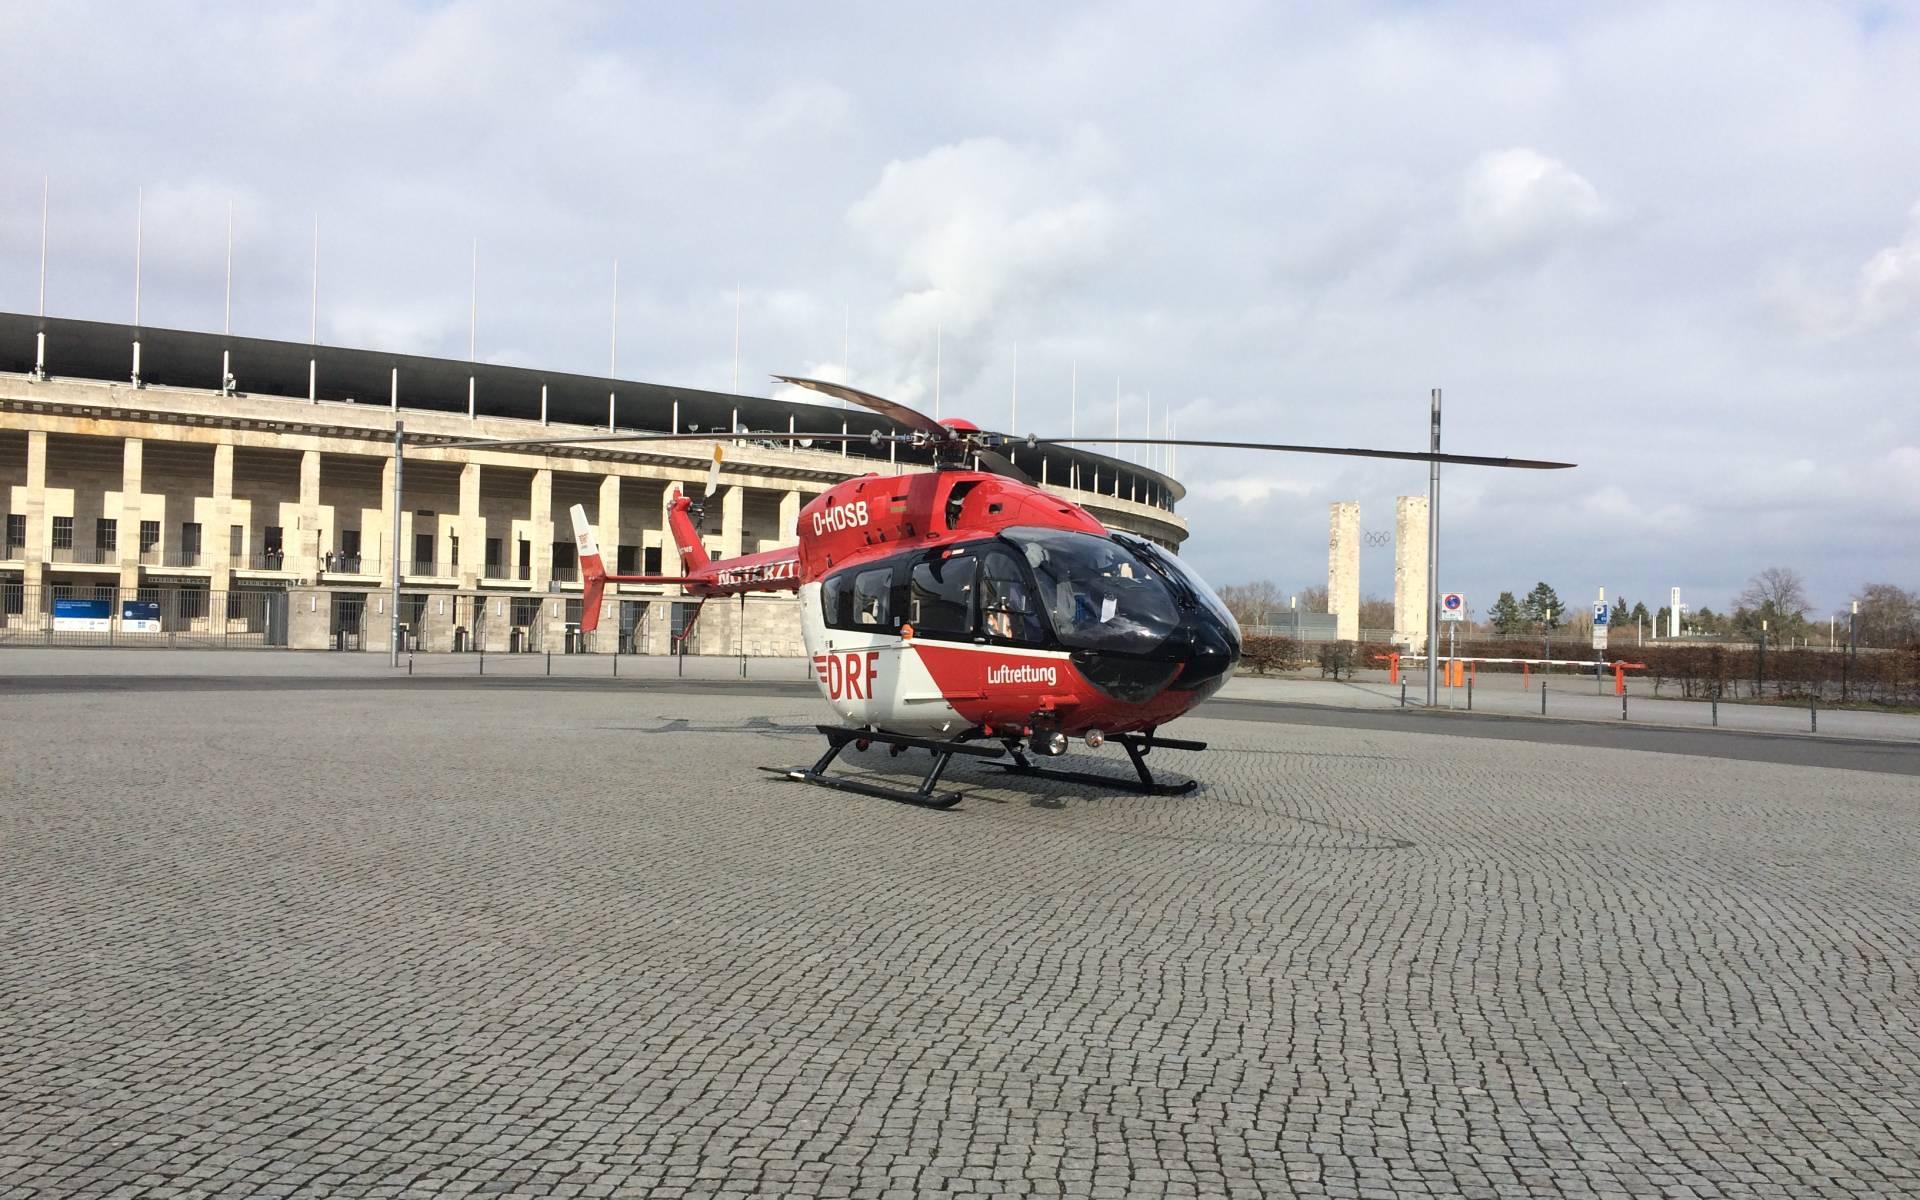 Landung vor dem Olympiastadion: der Berliner Hubschrauber der DRF Luftrettung im Einsatz.